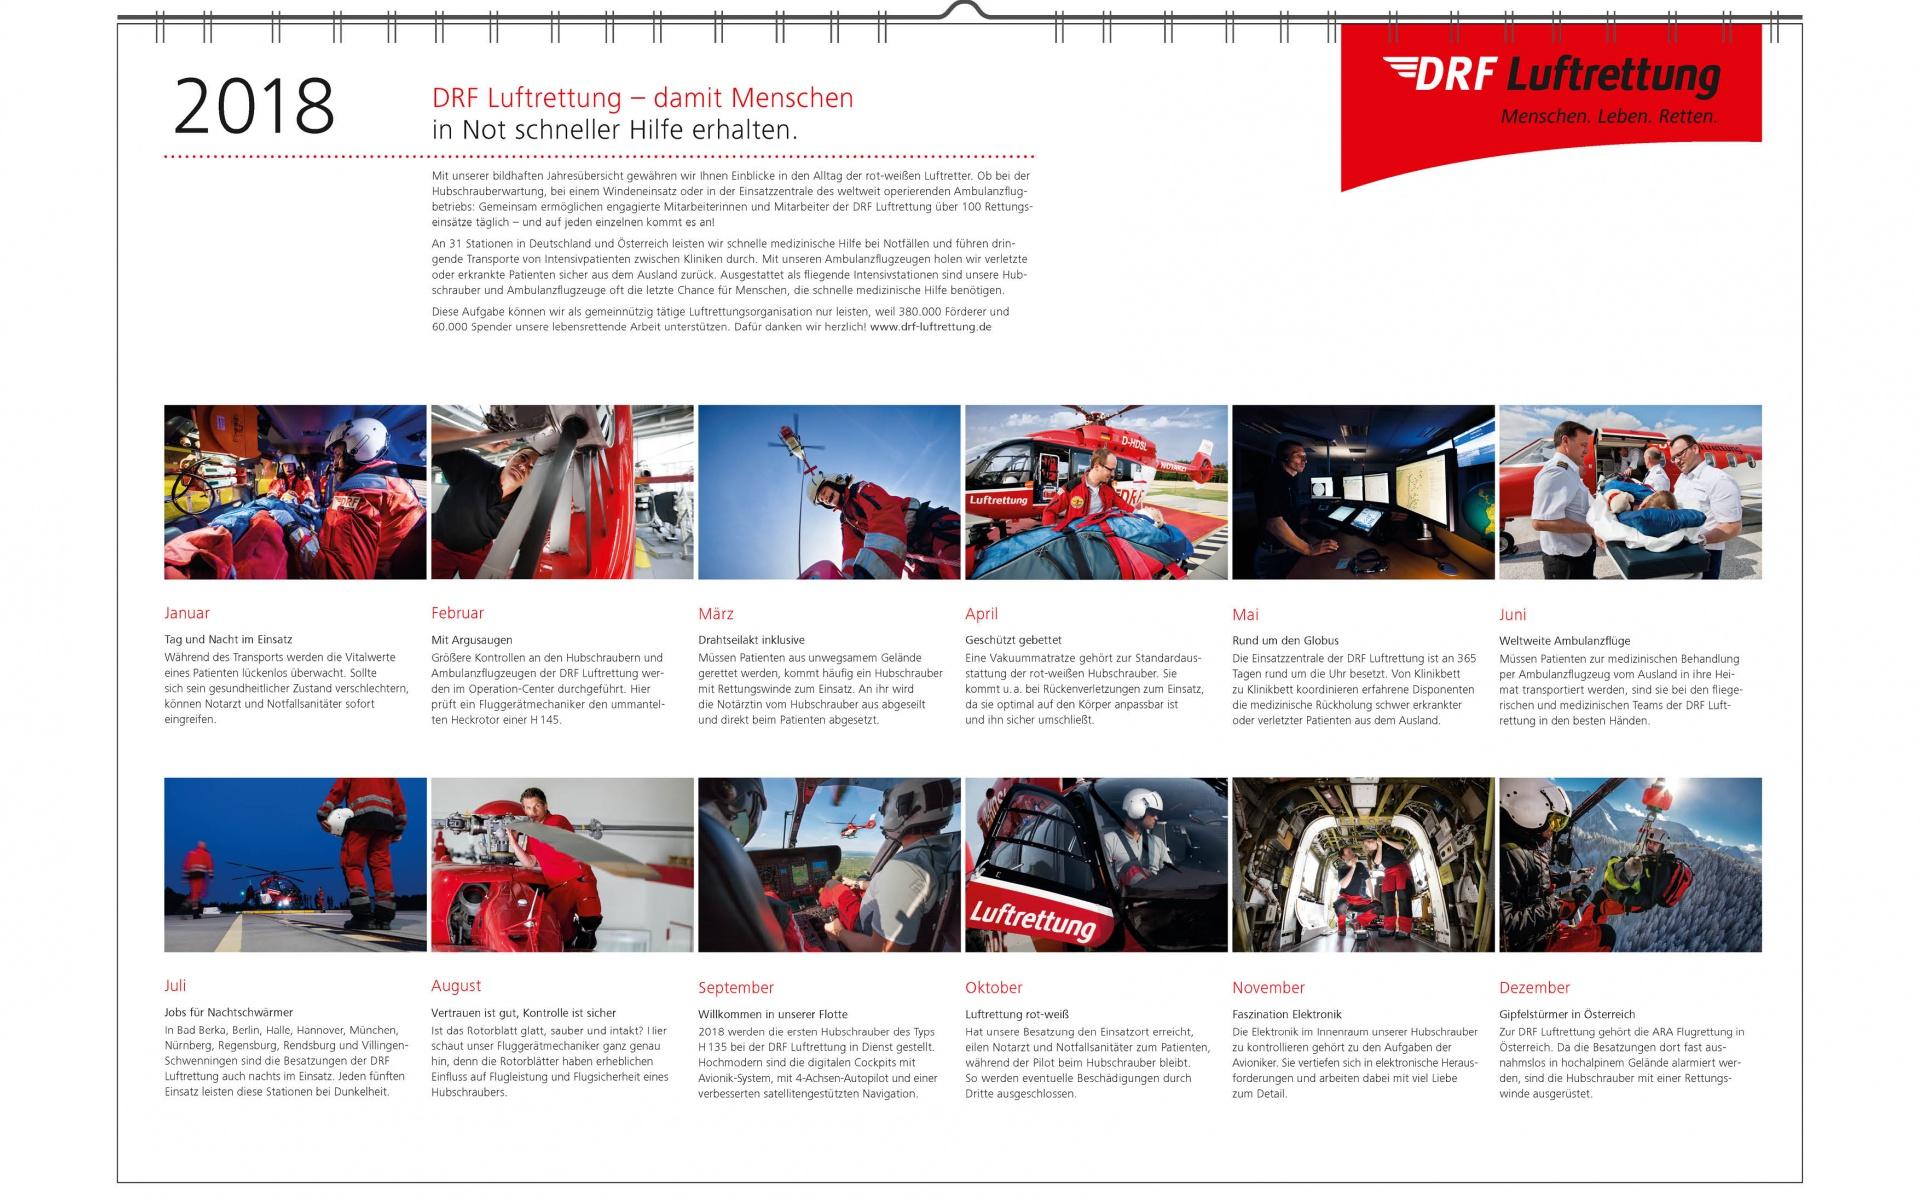 Einen spanndenen Überblick über die vielfältige Arbeit innerhalb der DRF Luftrettung bietet der neue Wandkalender 2018.